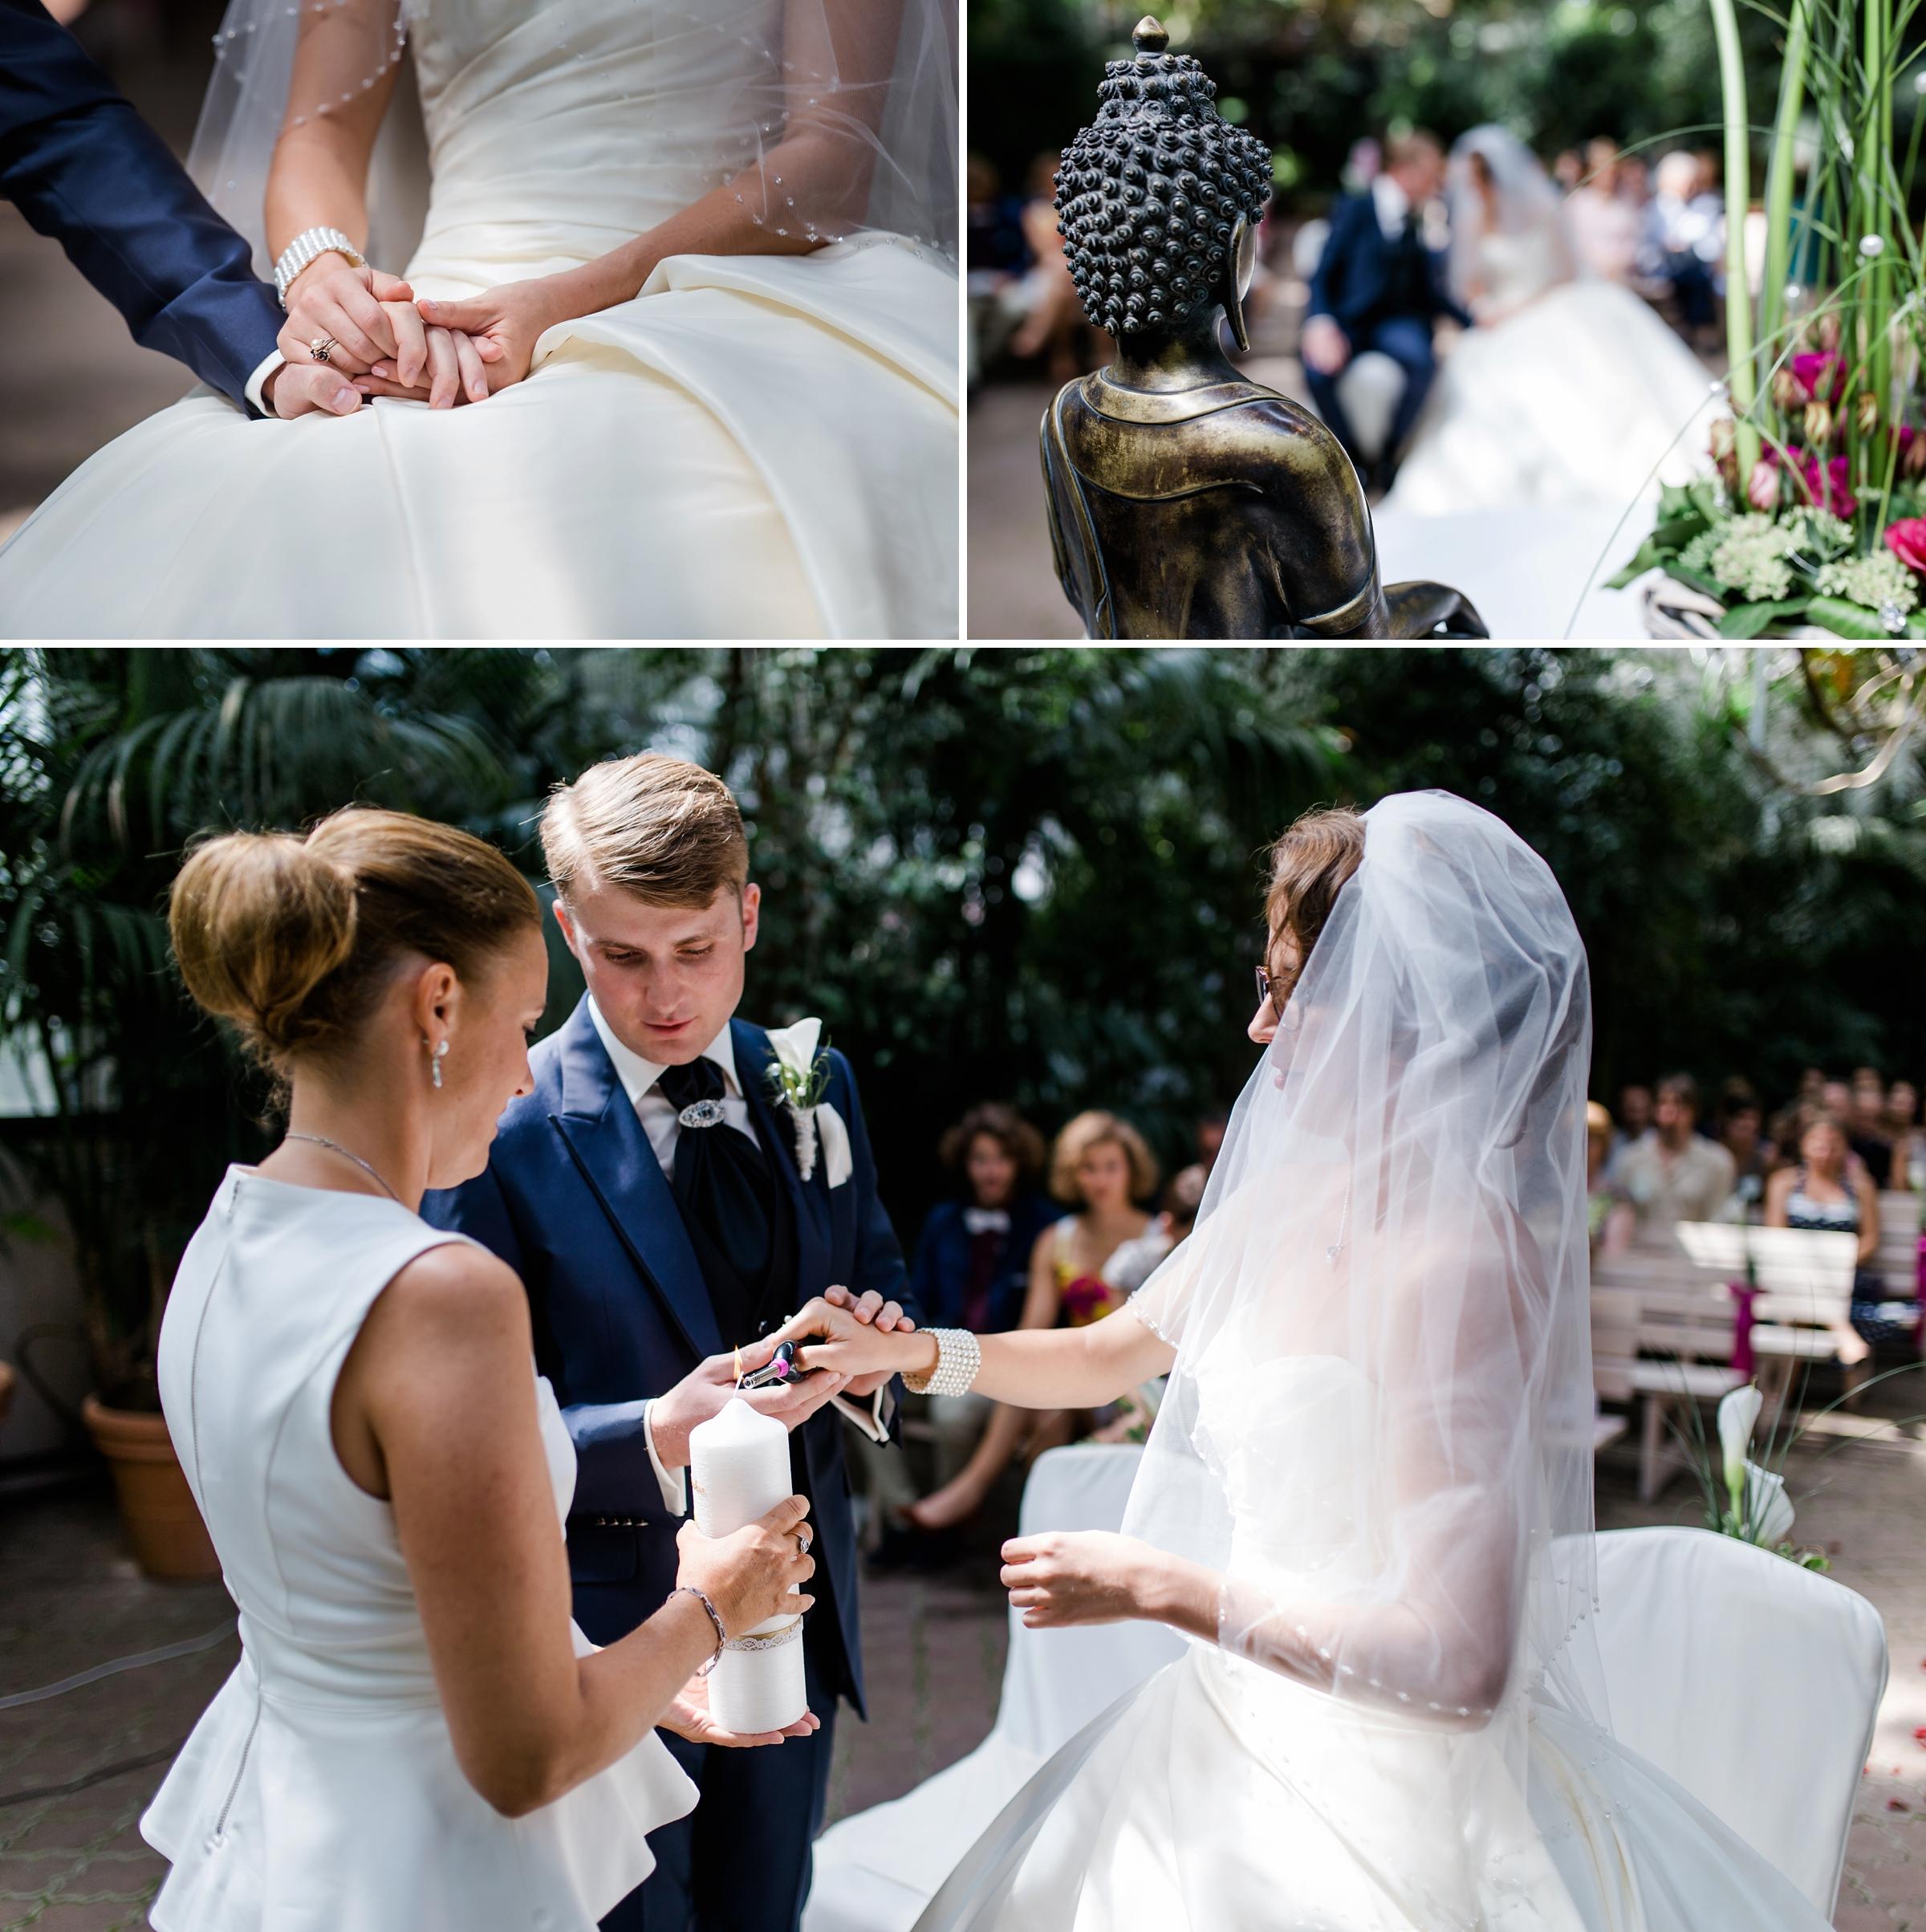 Hochzeitsreportage-Zuerich-Brautpaar-Trauzeremonie-Hochzeit-im-Gruenen-Giardino-Verde-Uitikon